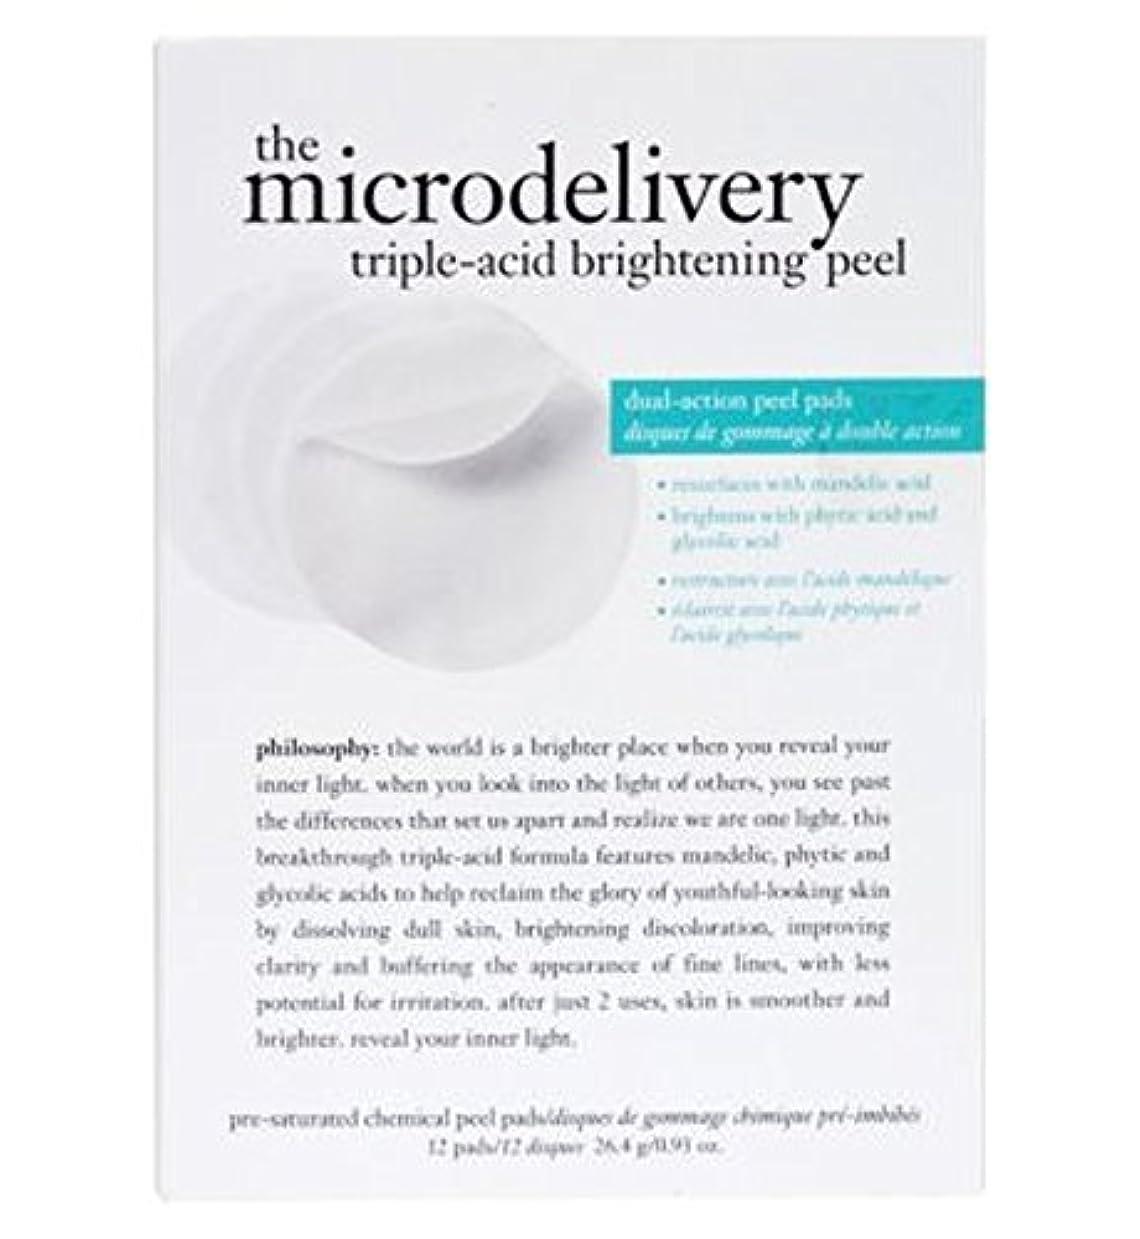 サイズ質素な誤解philosophy the microdelivery triple-acid brightening peel - 哲学ミクロ送達トリプル酸増白皮 (Philosophy) [並行輸入品]